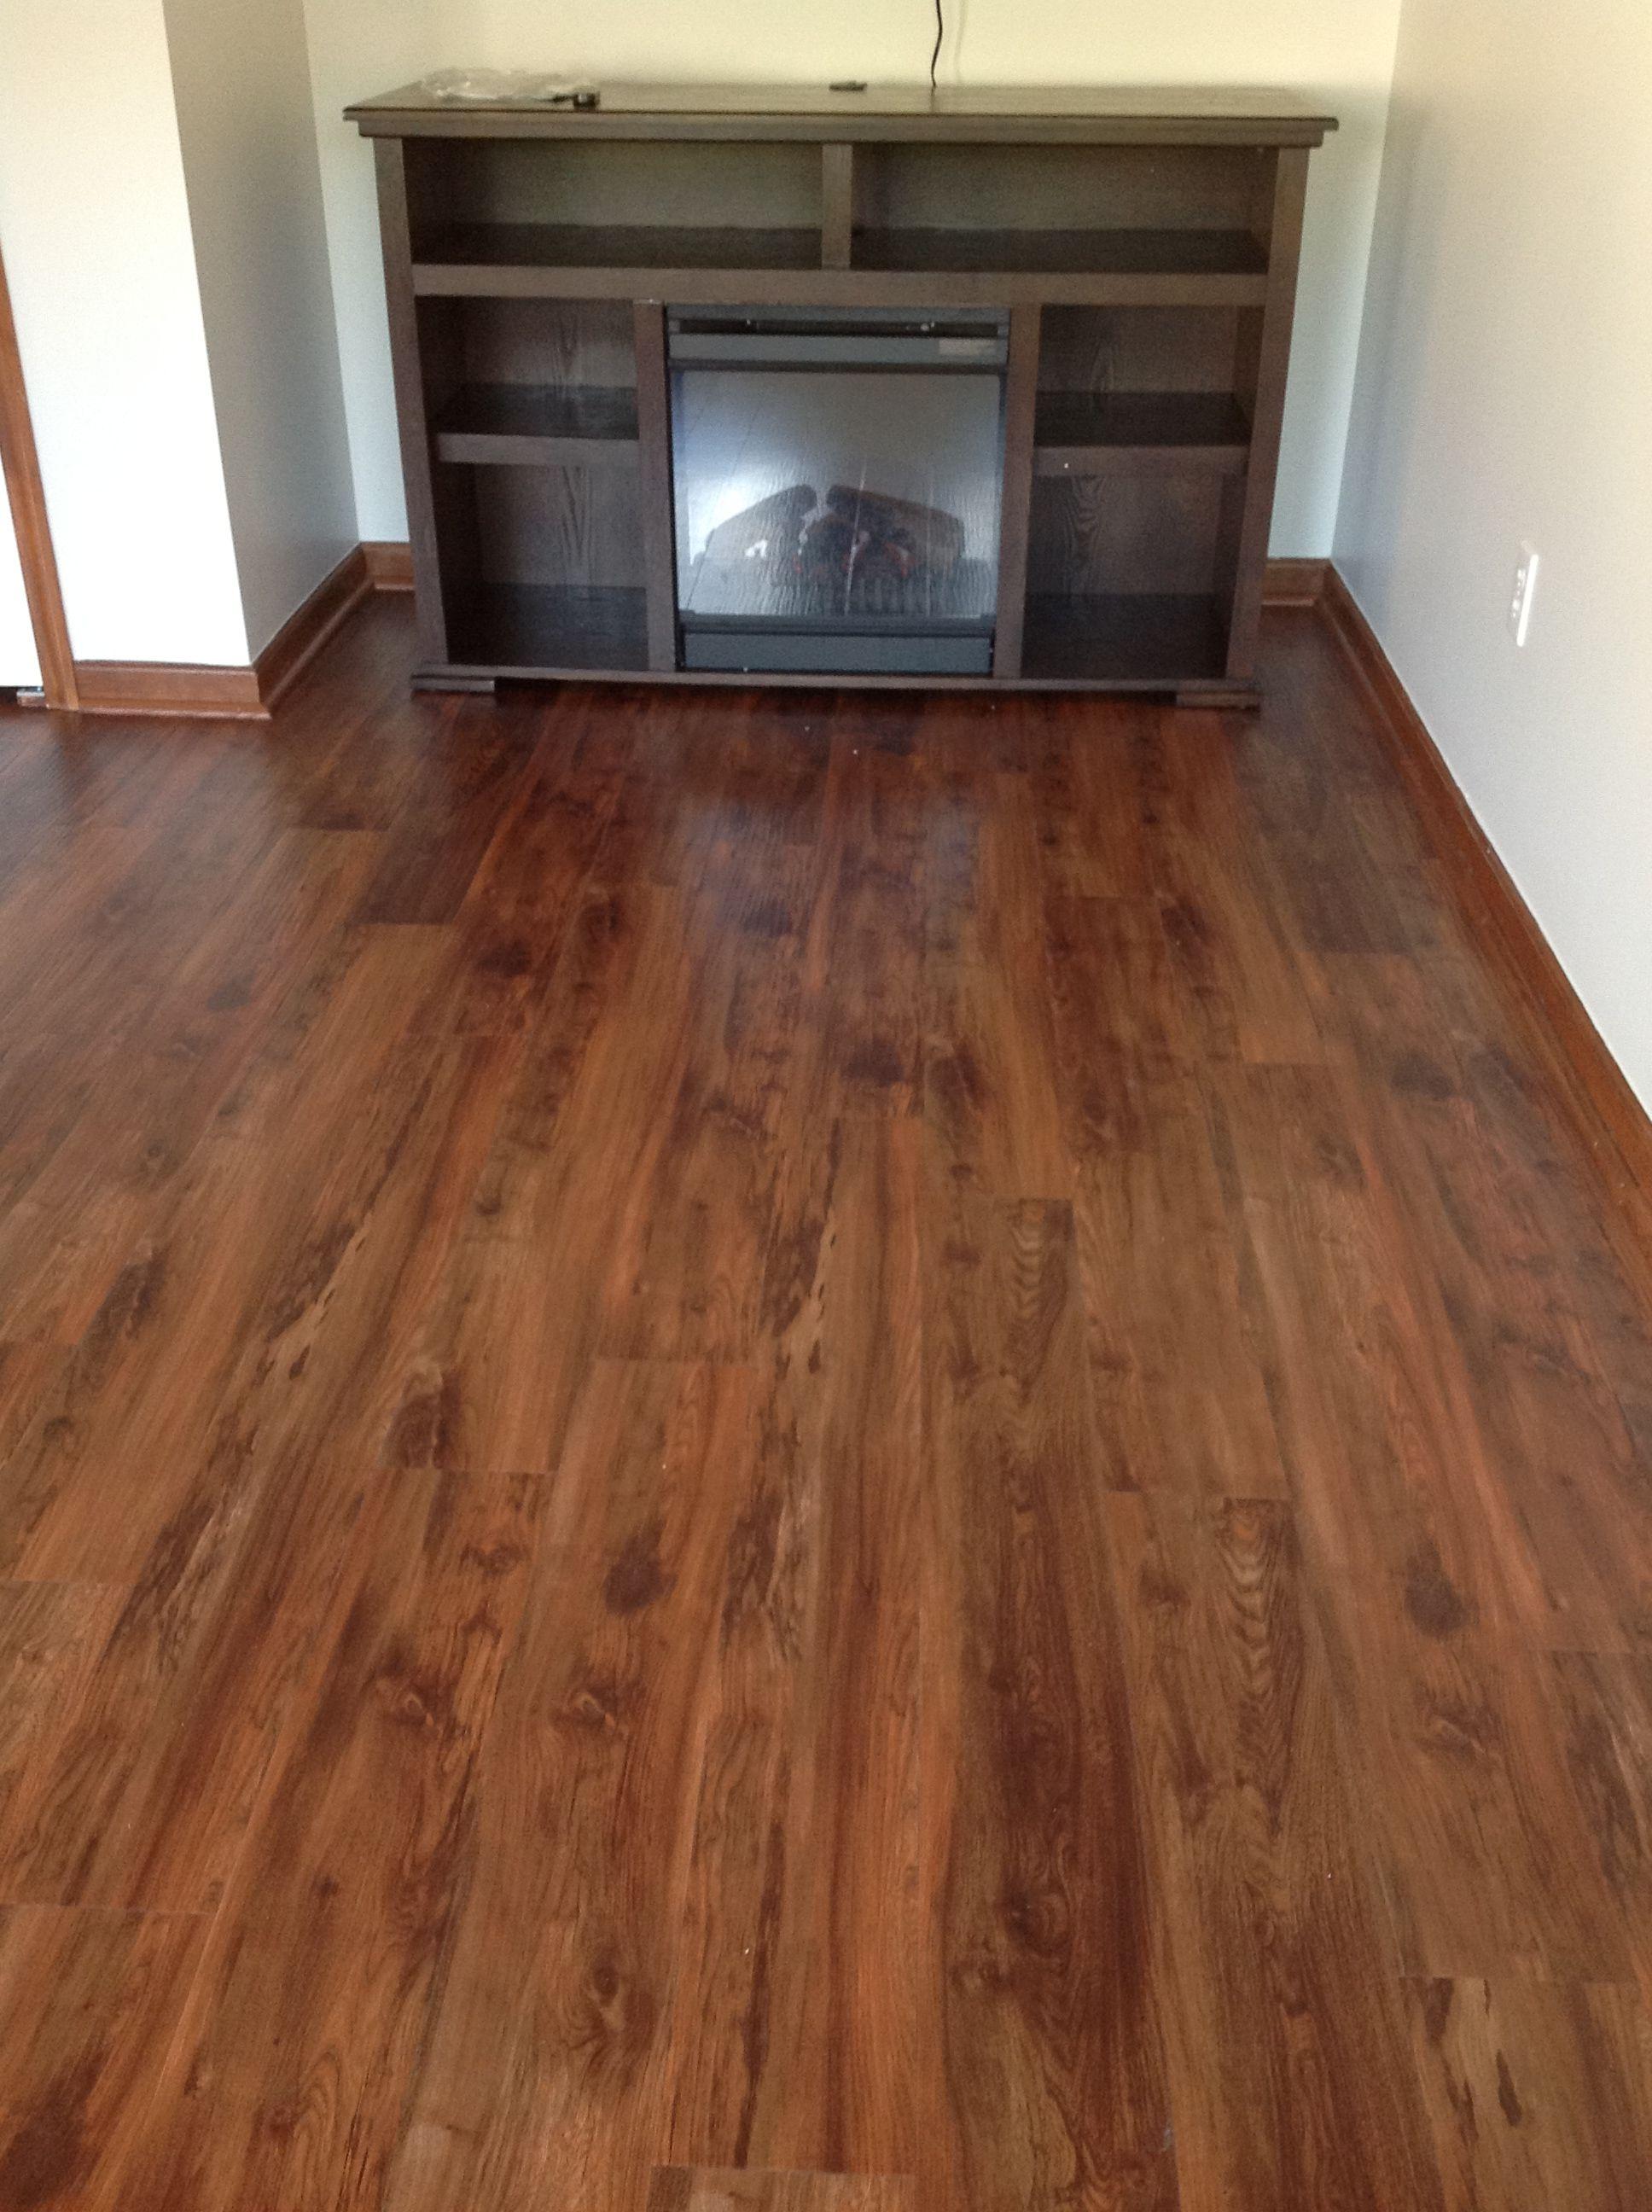 vinyl wood look flooring planks wood floors. Black Bedroom Furniture Sets. Home Design Ideas